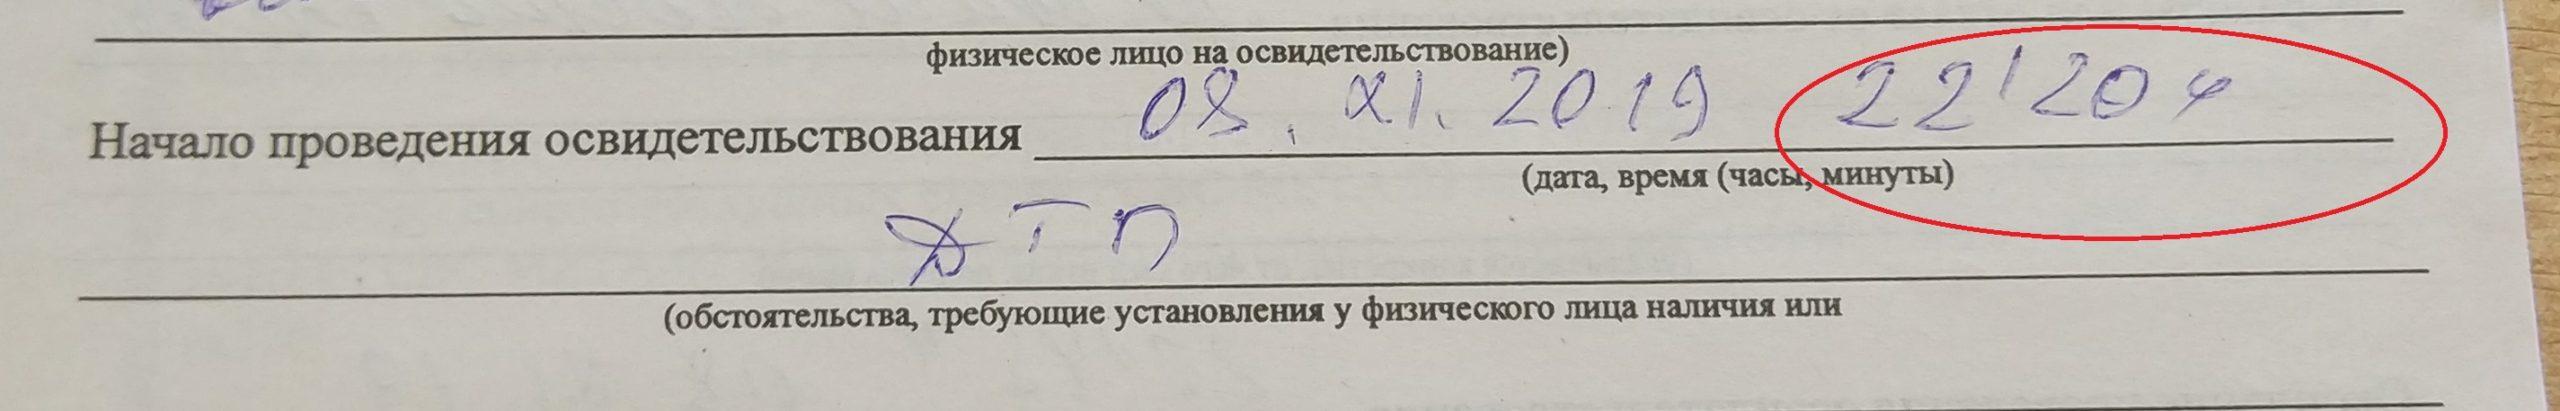 акт освидетельствования по ч.3 ст.18.16 (18.15) КоАП